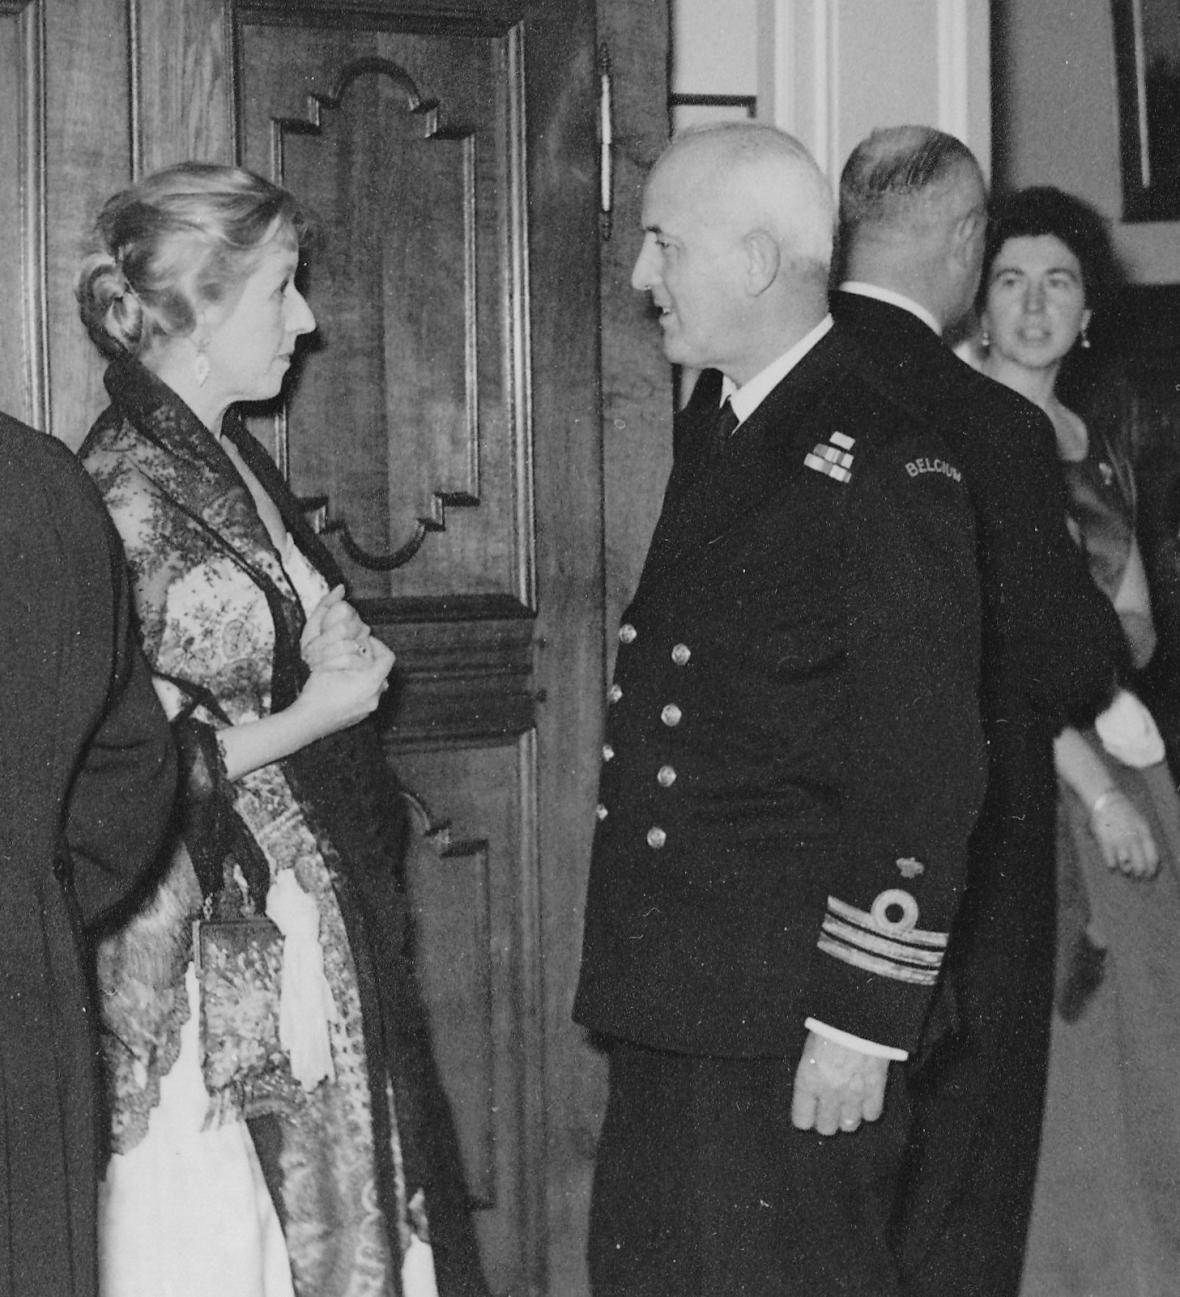 M. Stará a G. Stainier - 1959